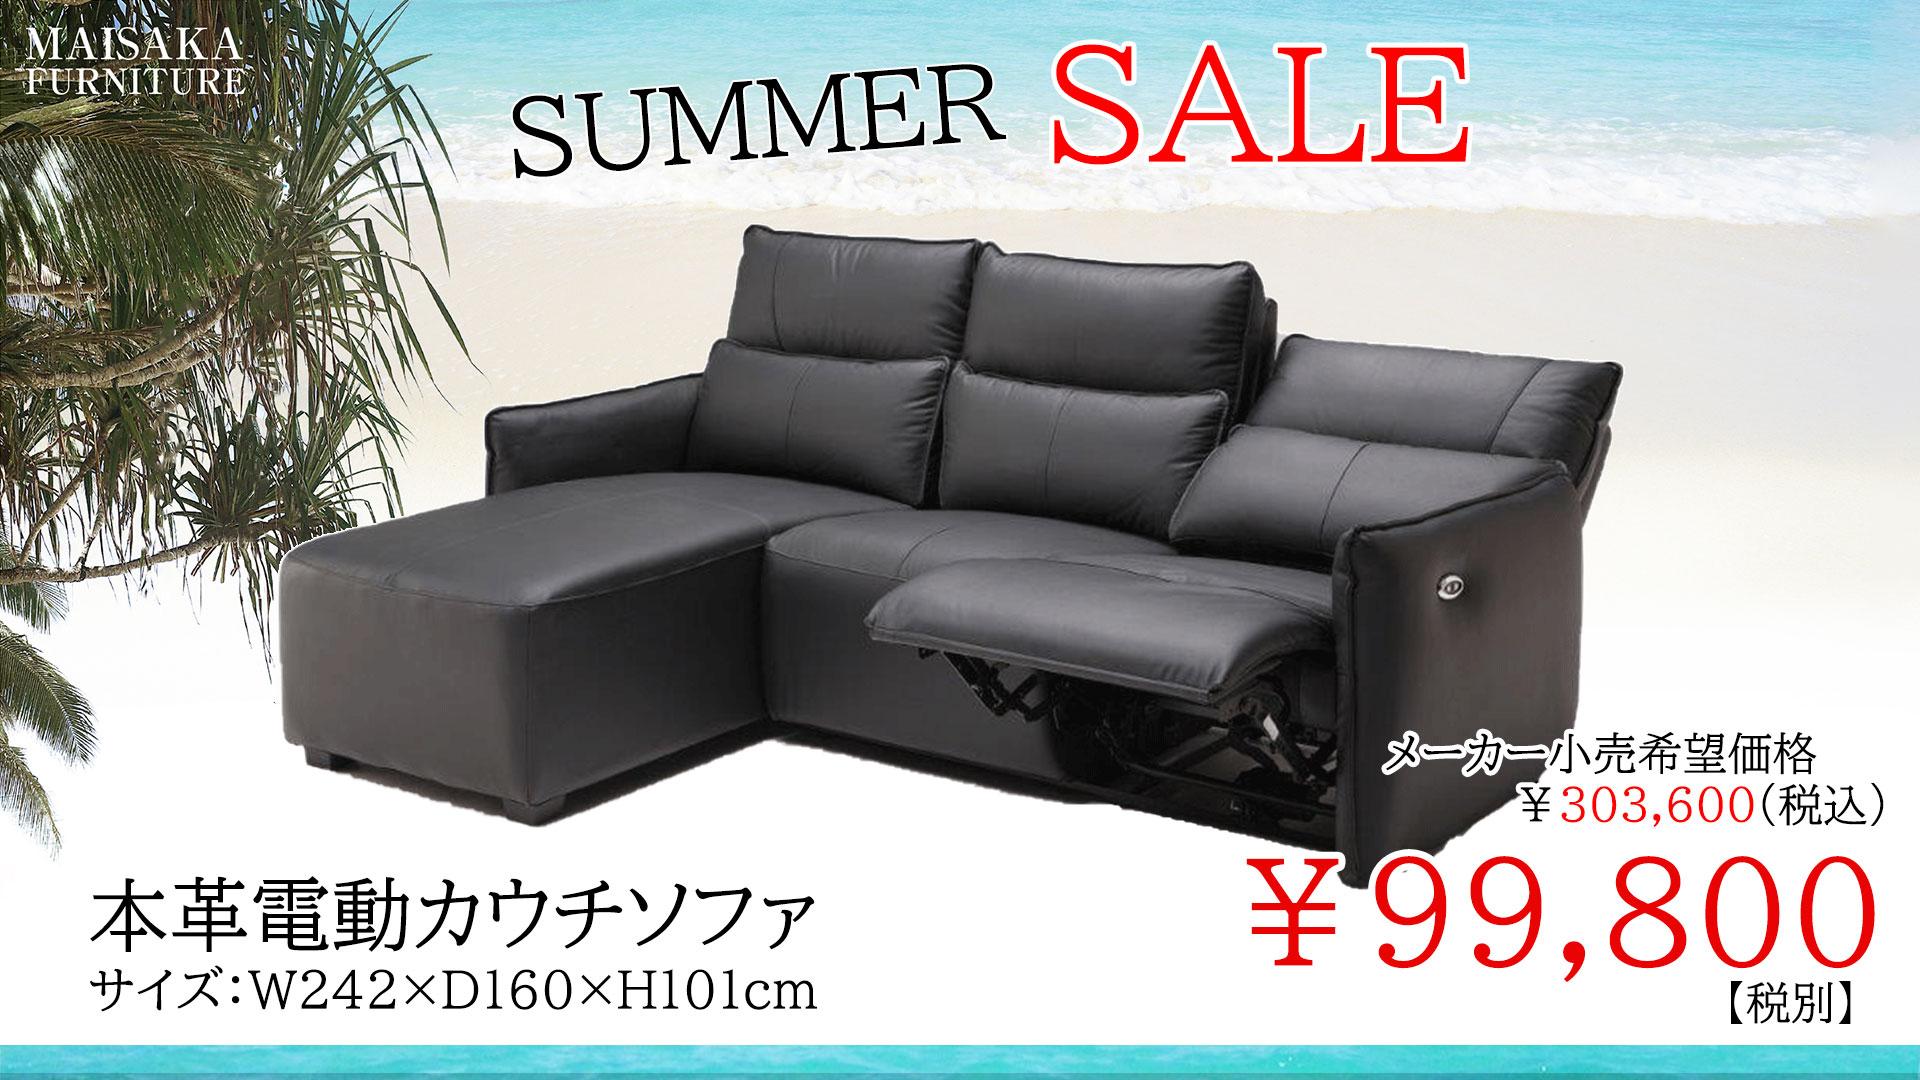 マイサカ家具7月の夏のチラシの目玉商品の電動リクライニングカウチソファの画像